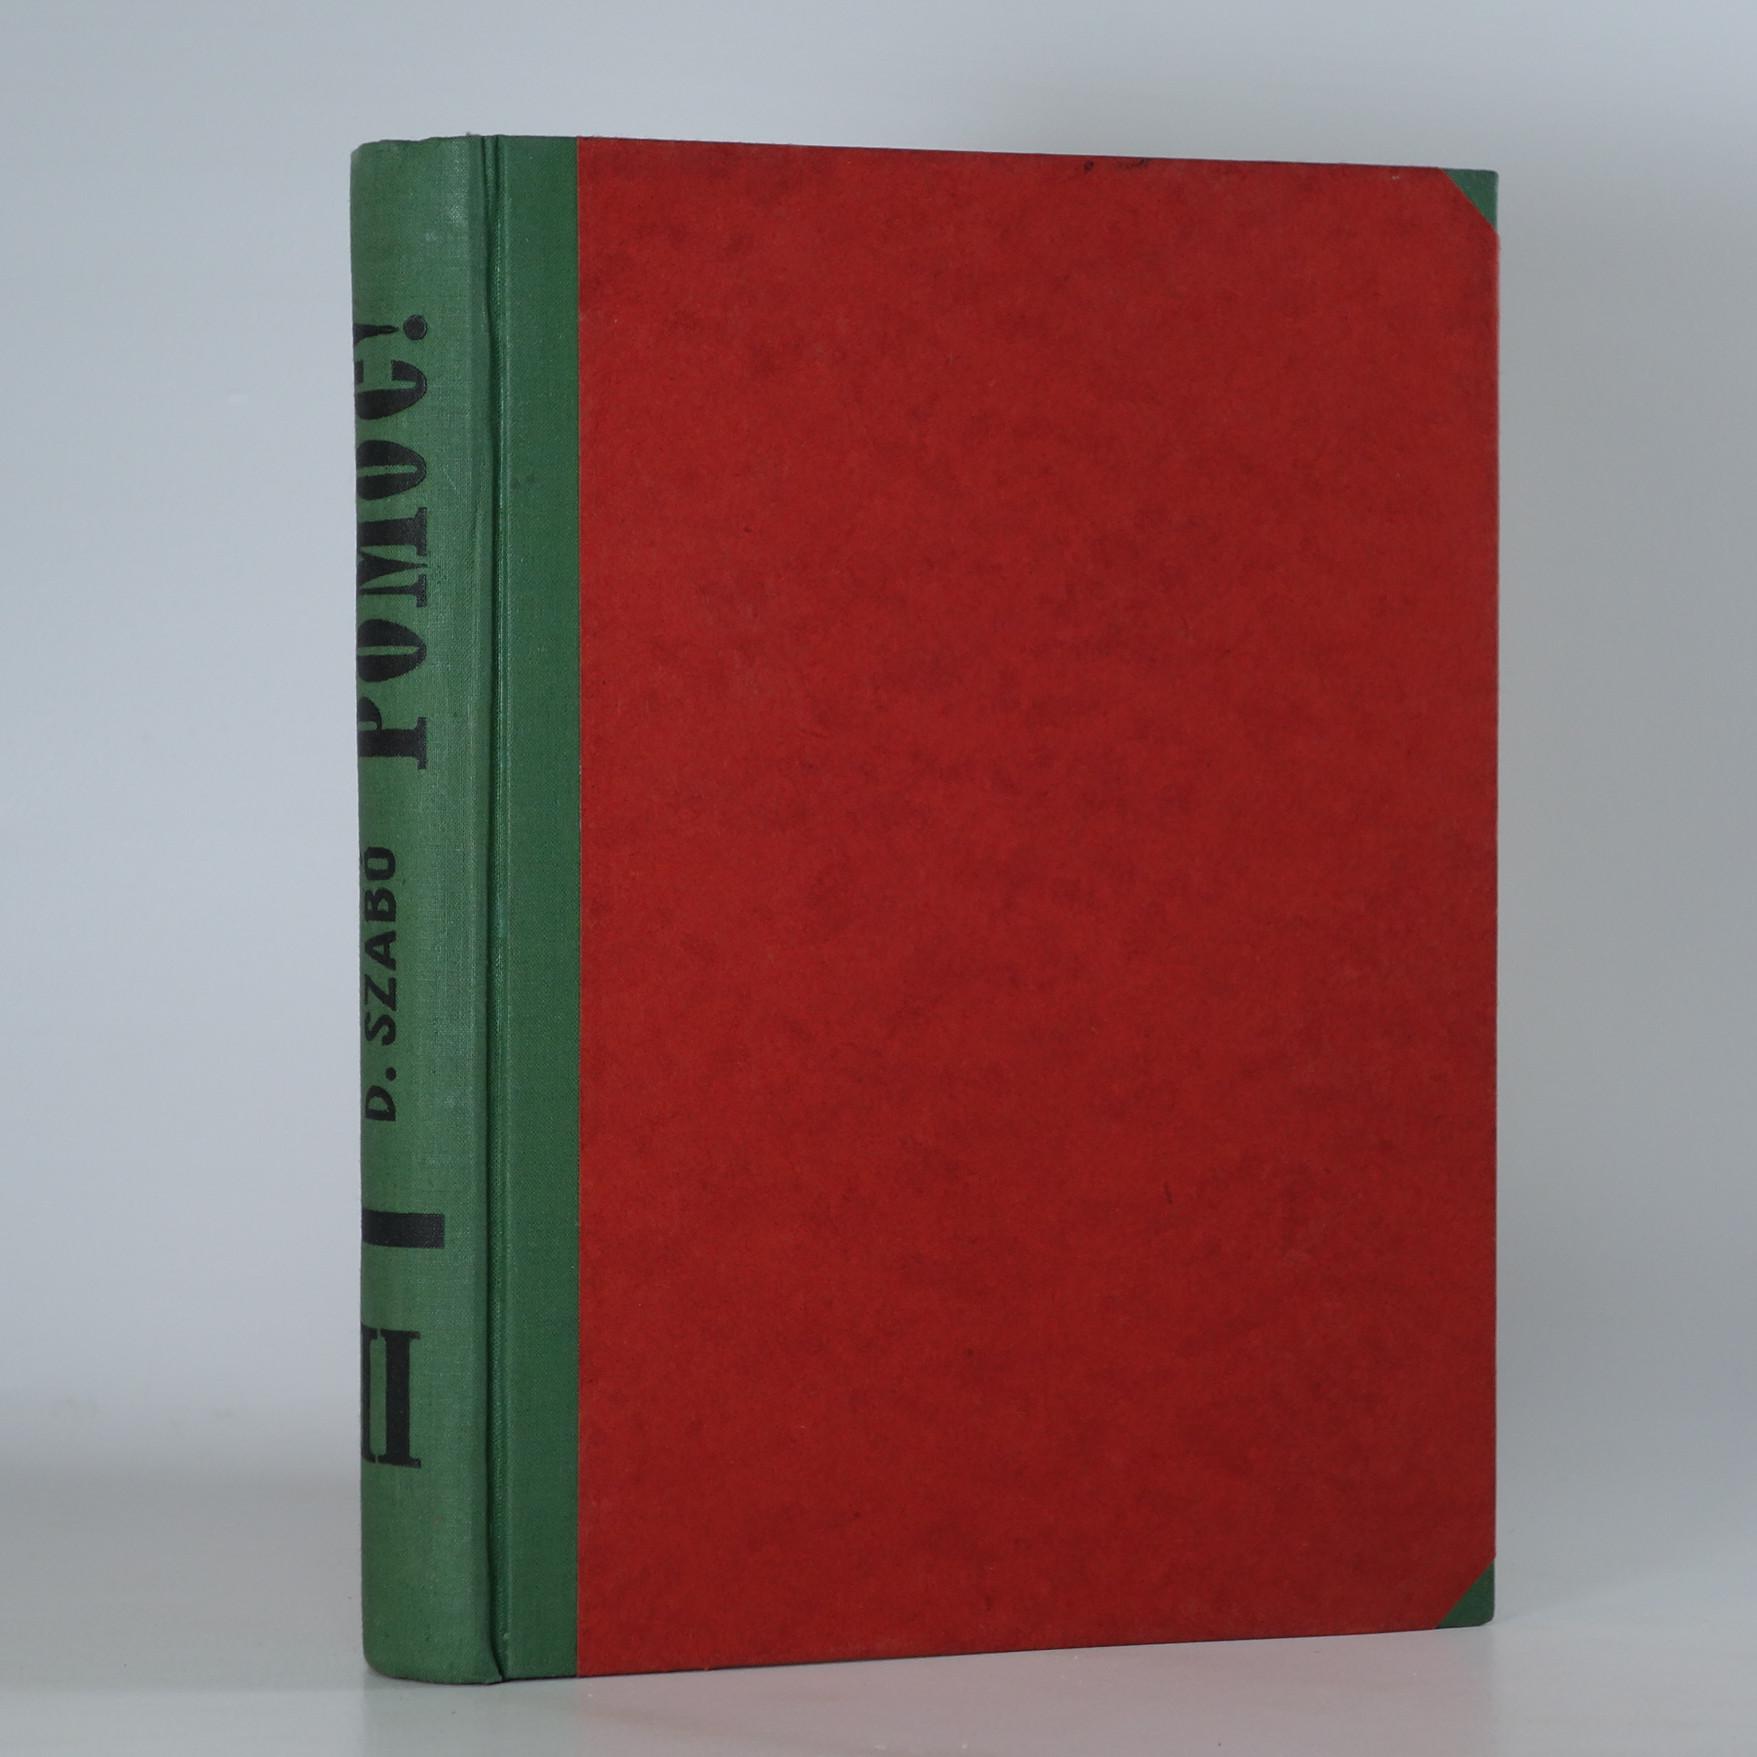 antikvární kniha Pomoc! II. část, 1930